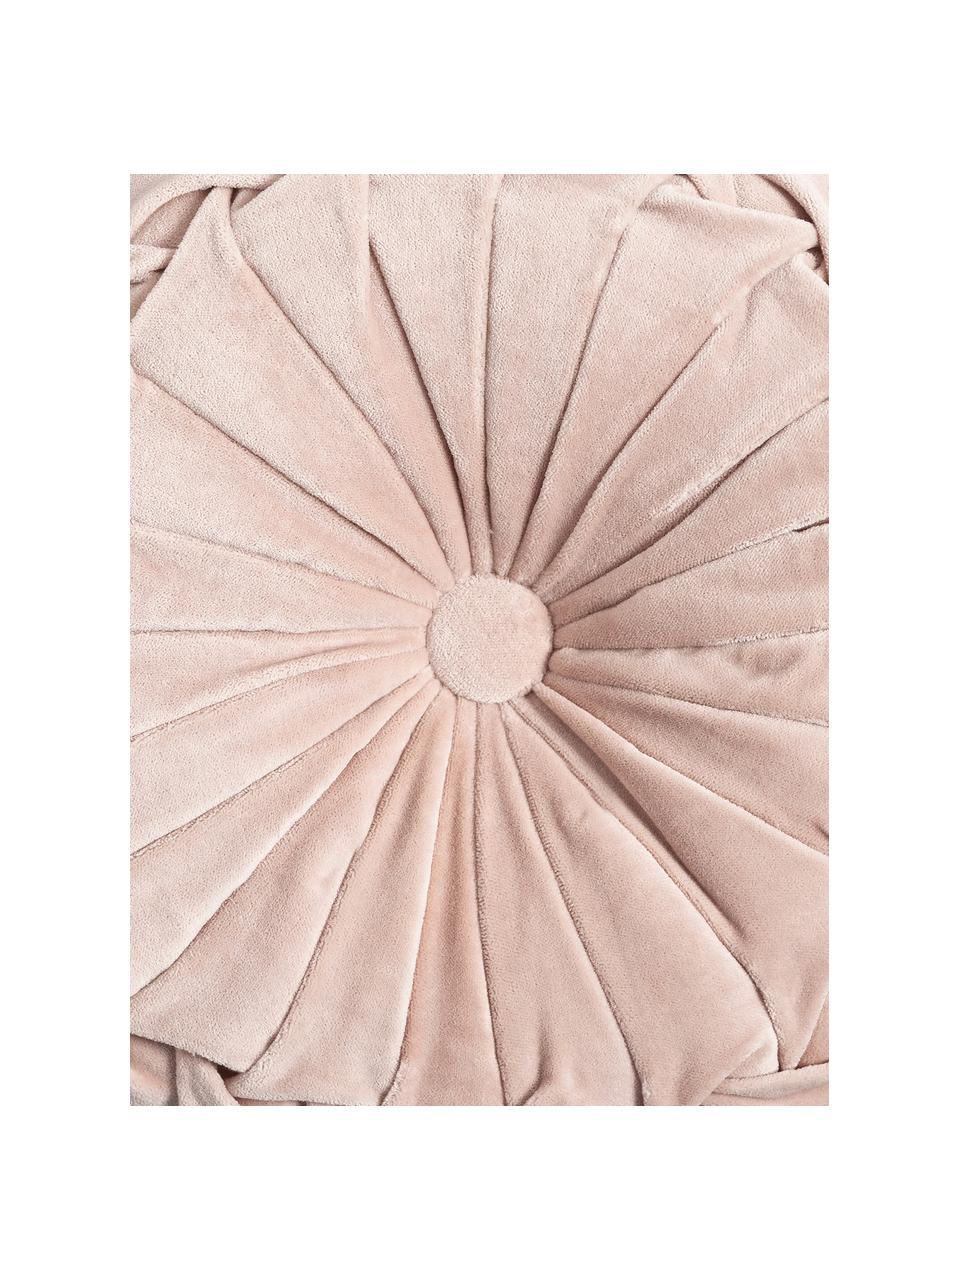 Poduszka okrągła z aksamitu z wkładem Kanan, Tapicerka: 100% aksamit bawełniany, Pudroworóżowy, Ø 40 cm